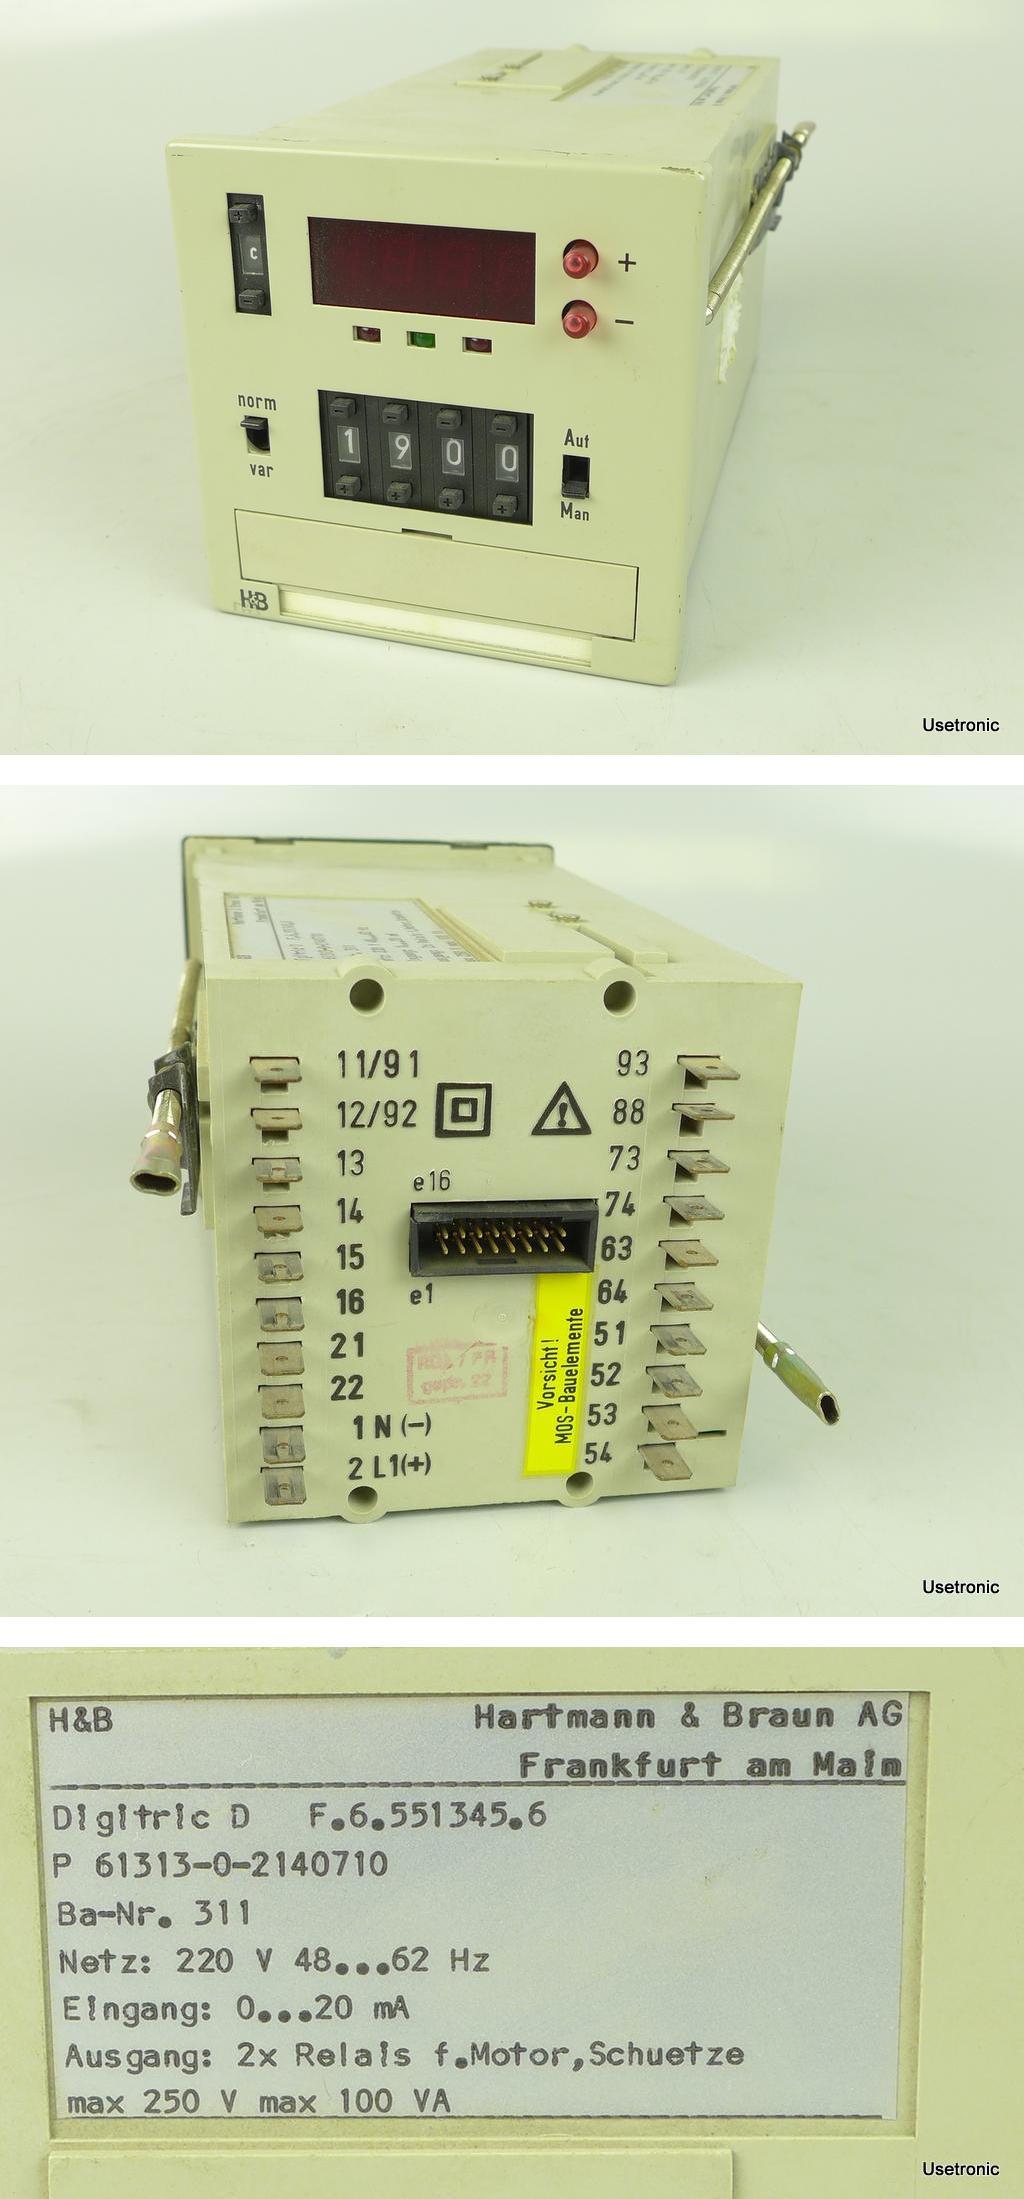 Hartmann Braun Digitric D 61313